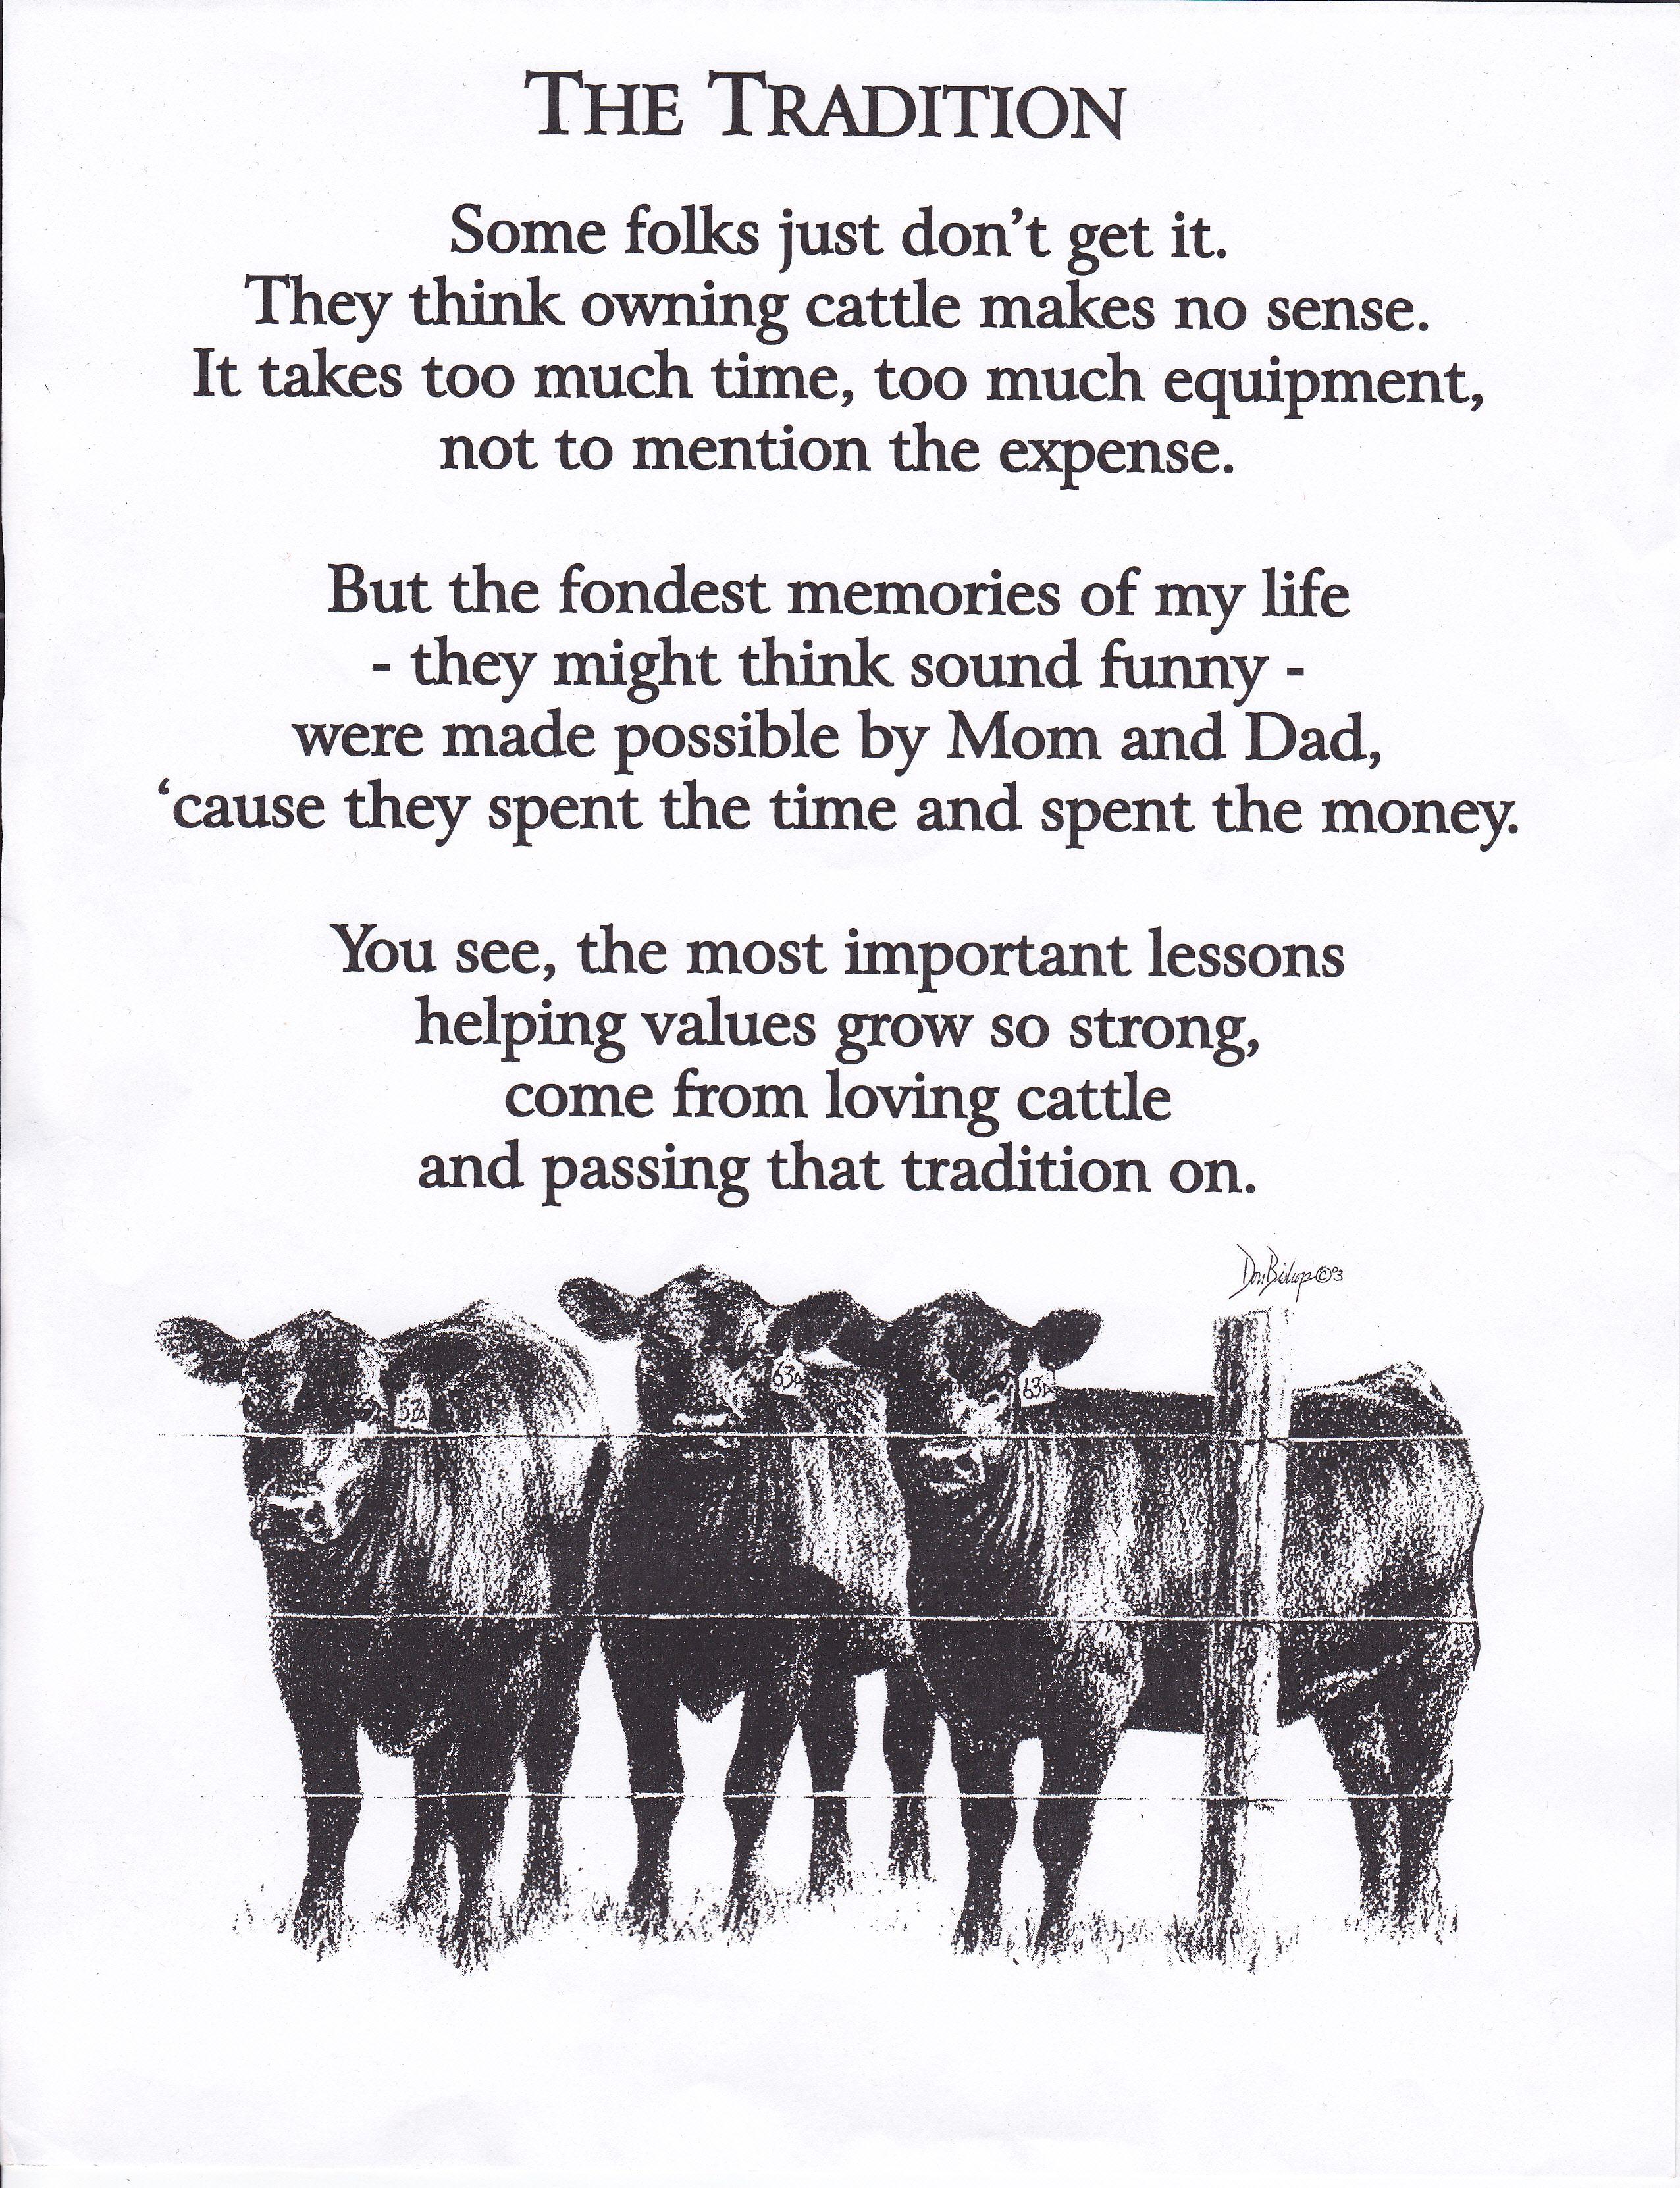 An Old Farmers Advice Poem - Farmers